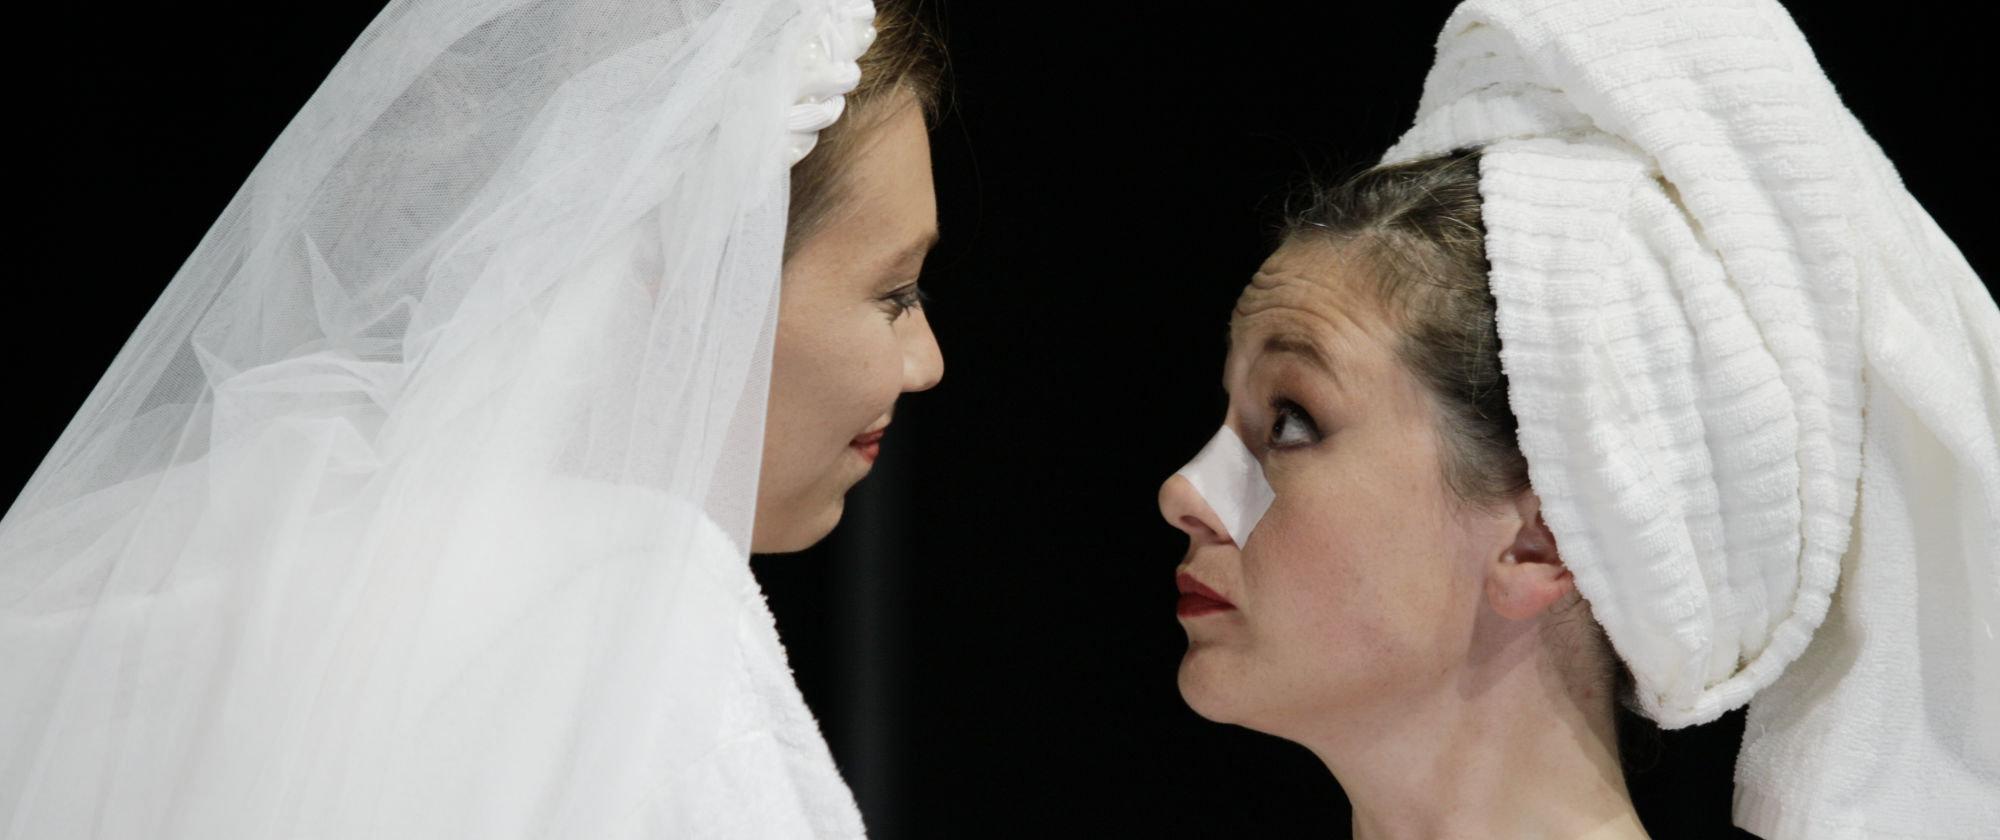 030-VIEL_LAERM_UM_NICHTS_Shakespeare_Regie_Malte_Kreutzfeldt_Staatstheater_Augsburg_2018